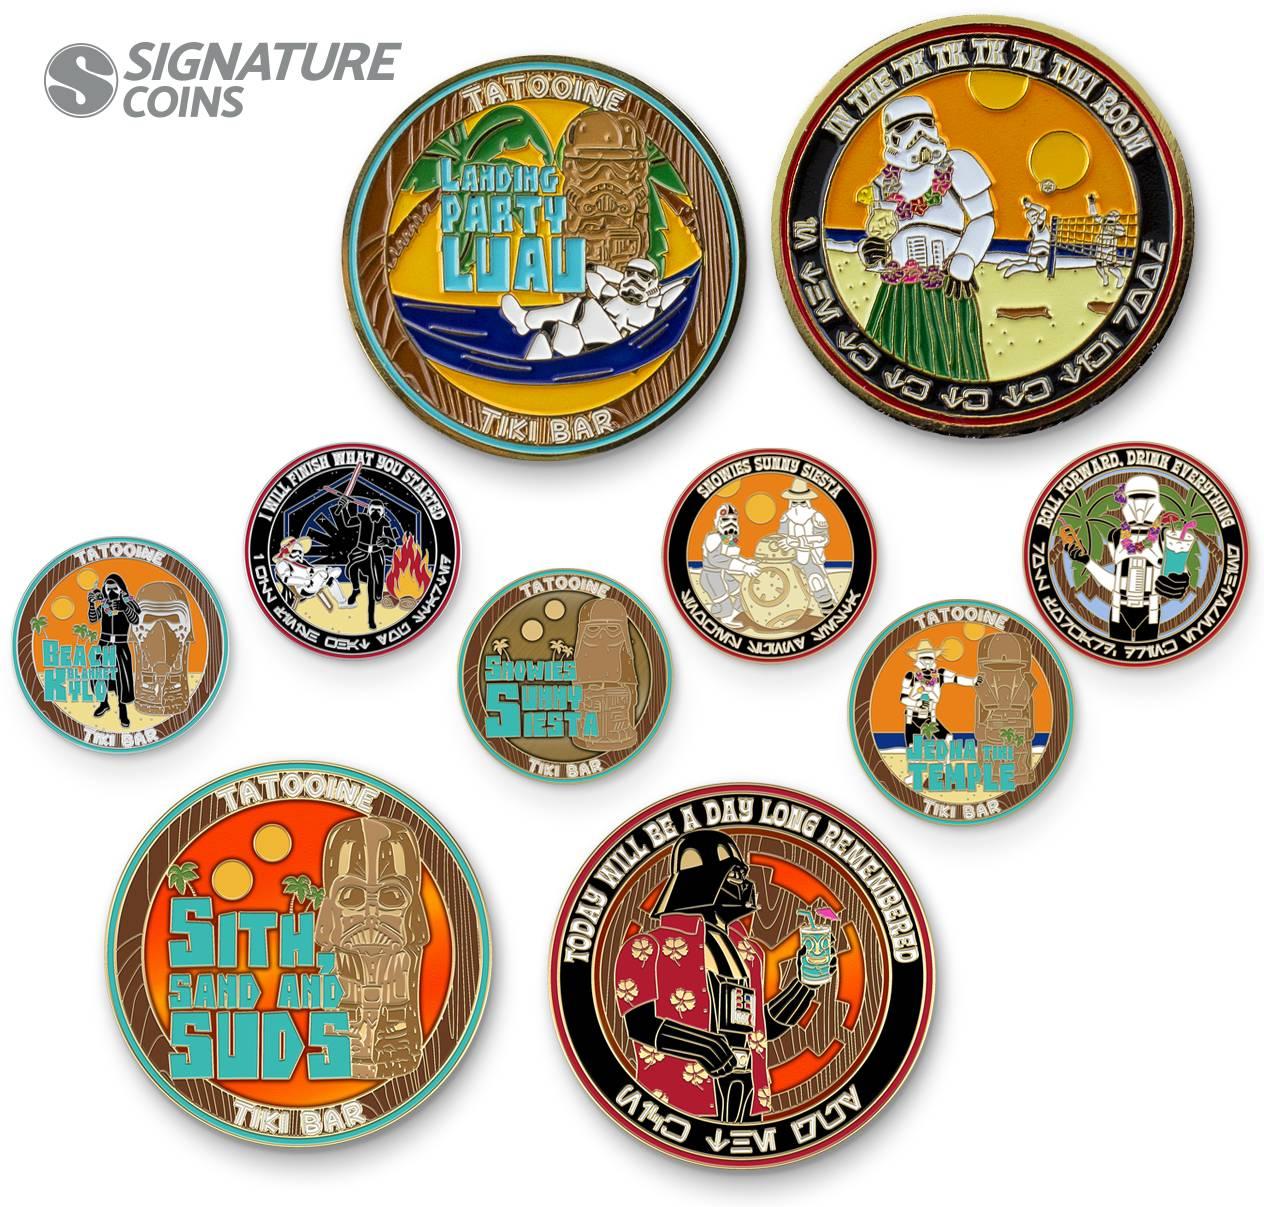 harrison-501st0-garrison--star-wars-tiki-challenge-coins-signature-coins